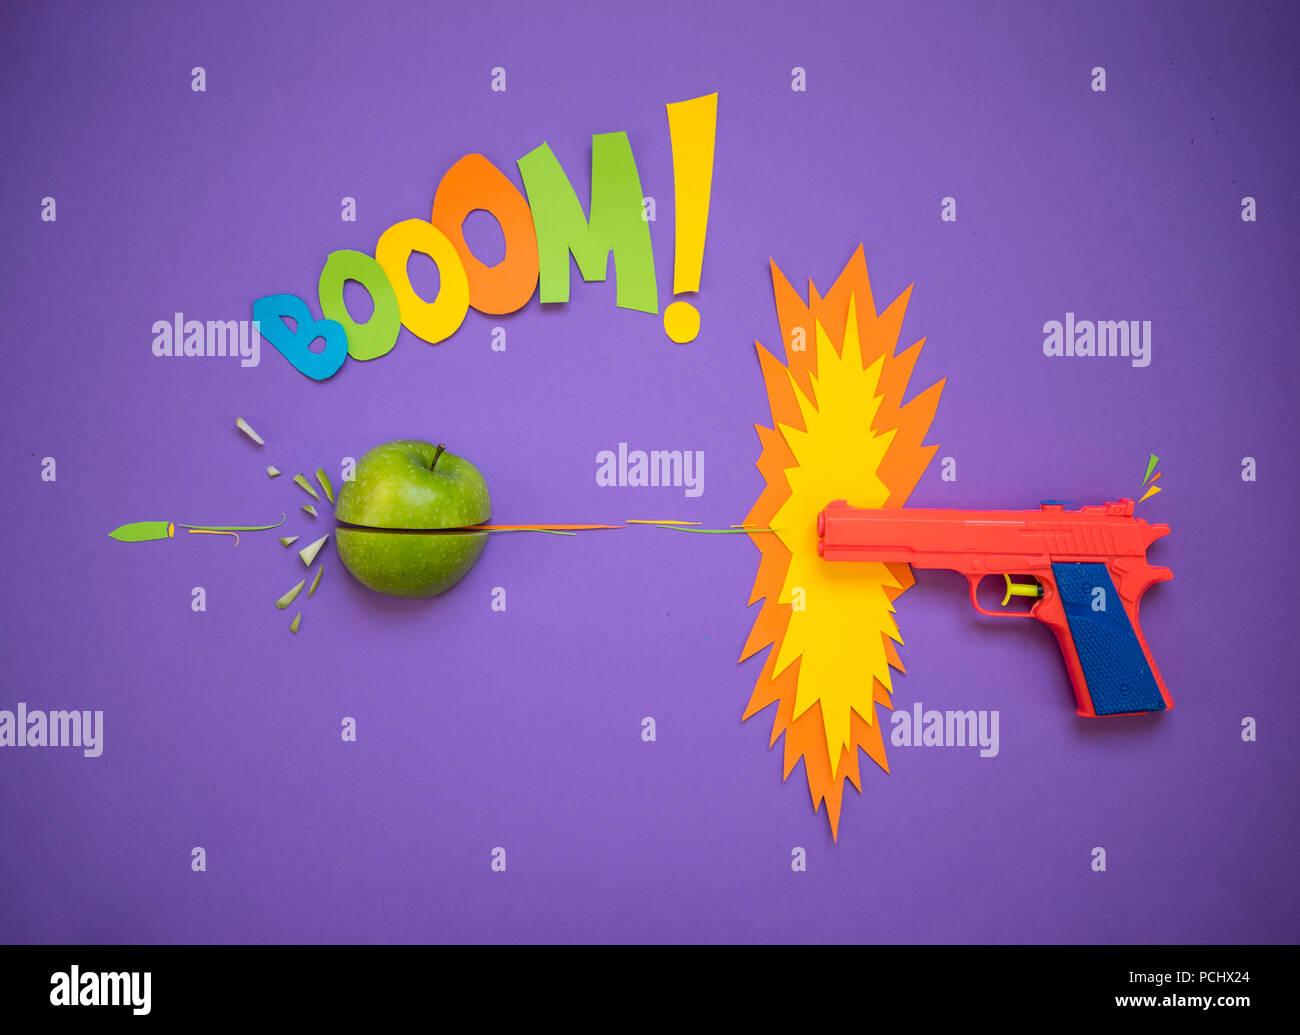 handgun,comic,booom! - Stock Image